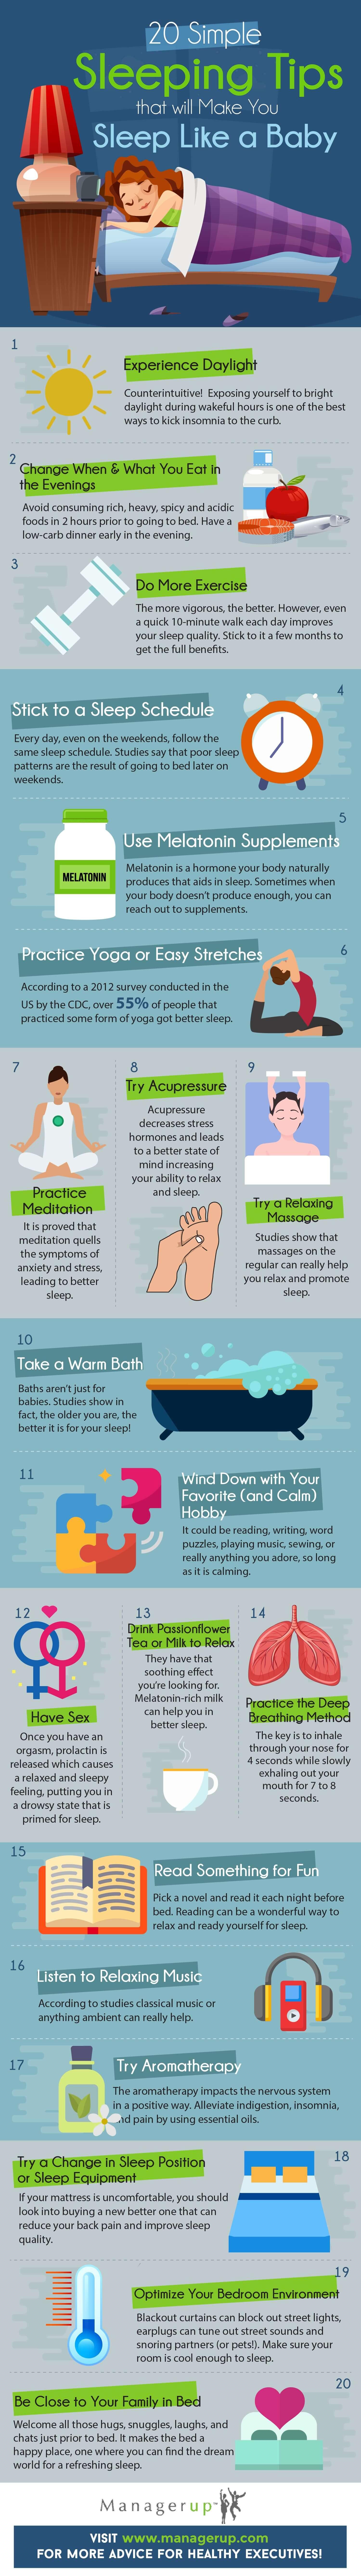 Sleeping tips infographic